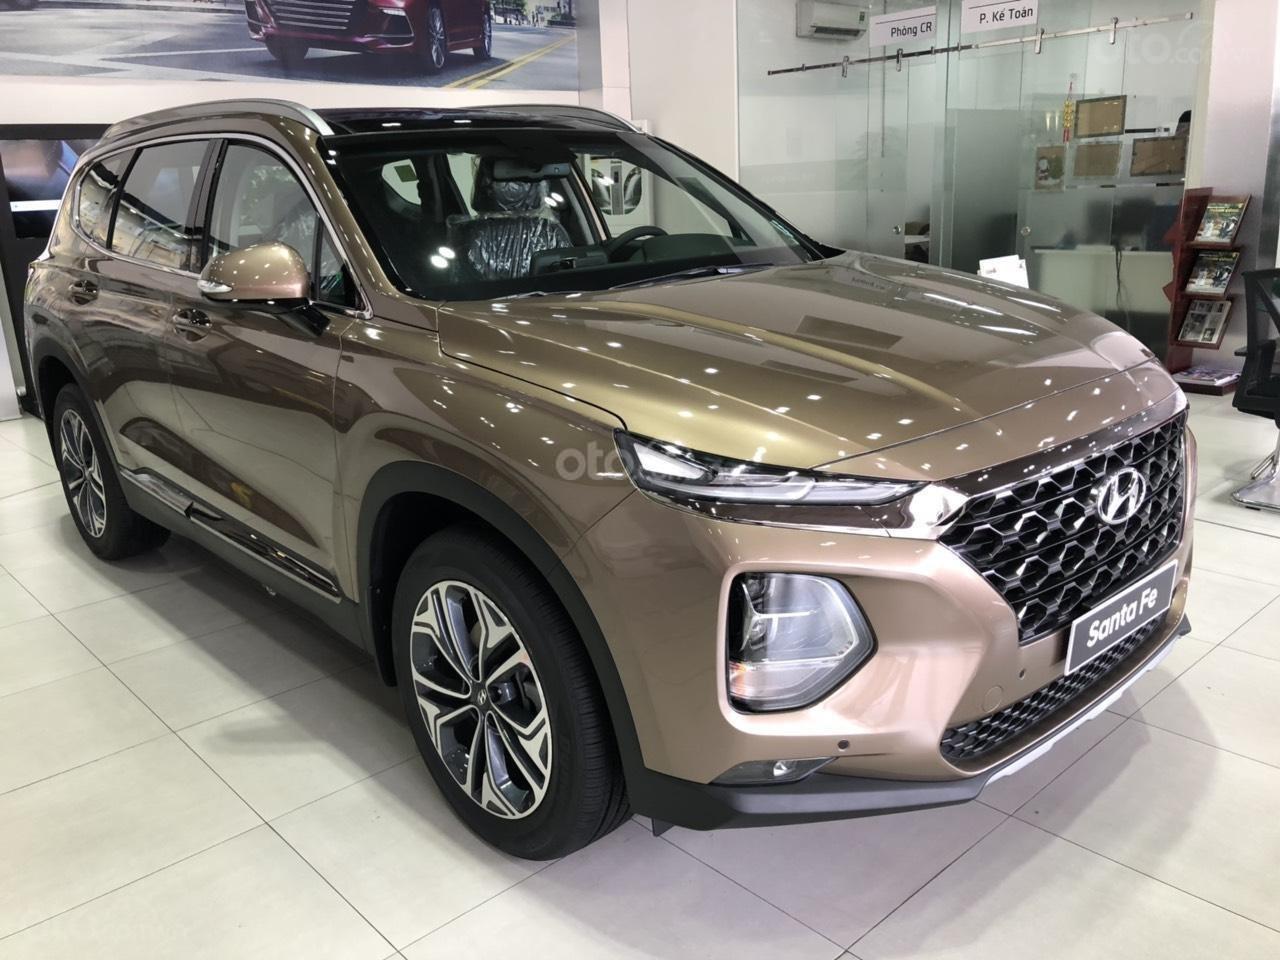 Hyundai Ngọc An bán Hyundai Santa Fe giá tốt, góp 90%, xe đủ màu giao ngay, tặng tiền mặt phụ kiện giá tốt nhất miền Nam (1)